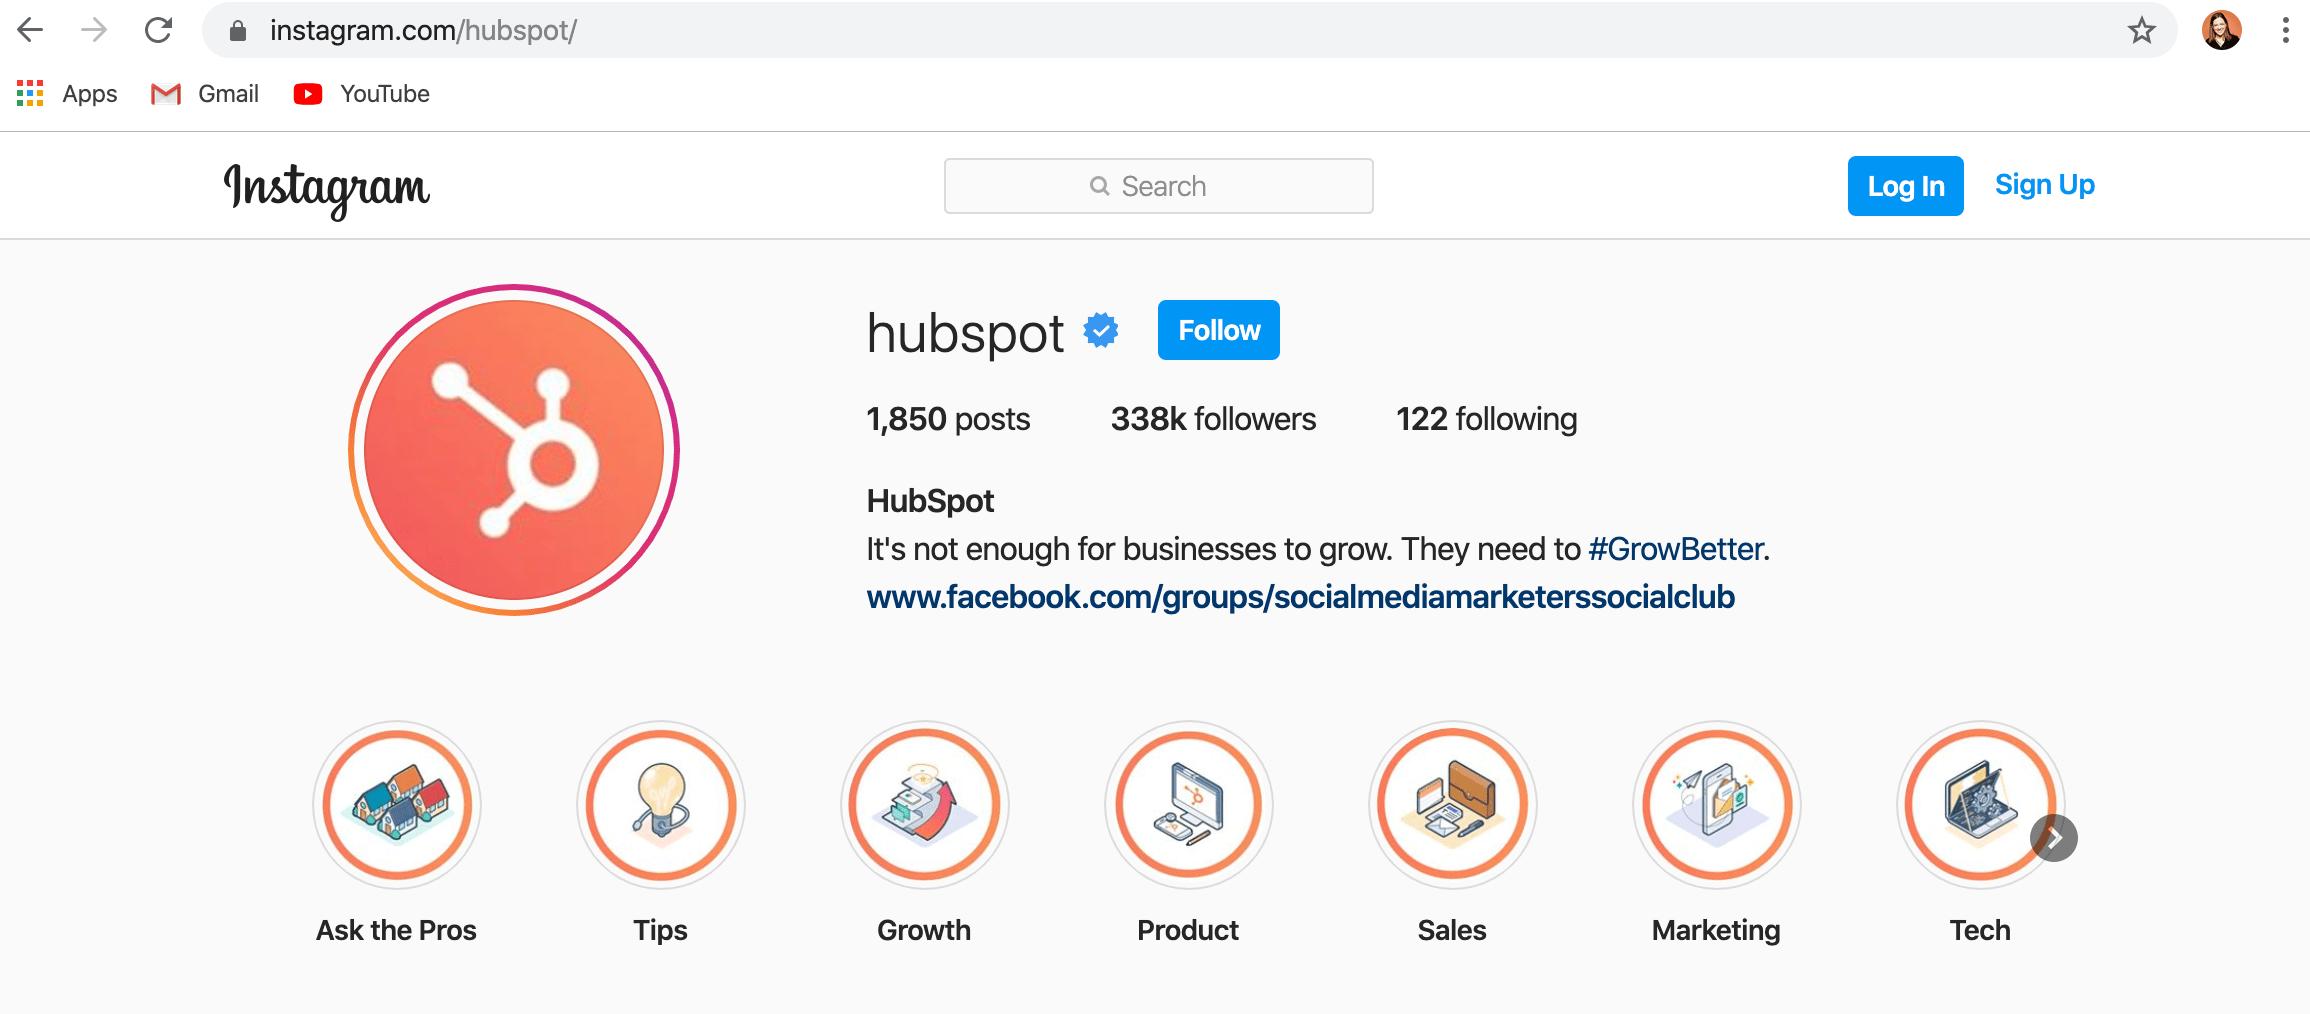 husspot instagram帳戶的桌面版本